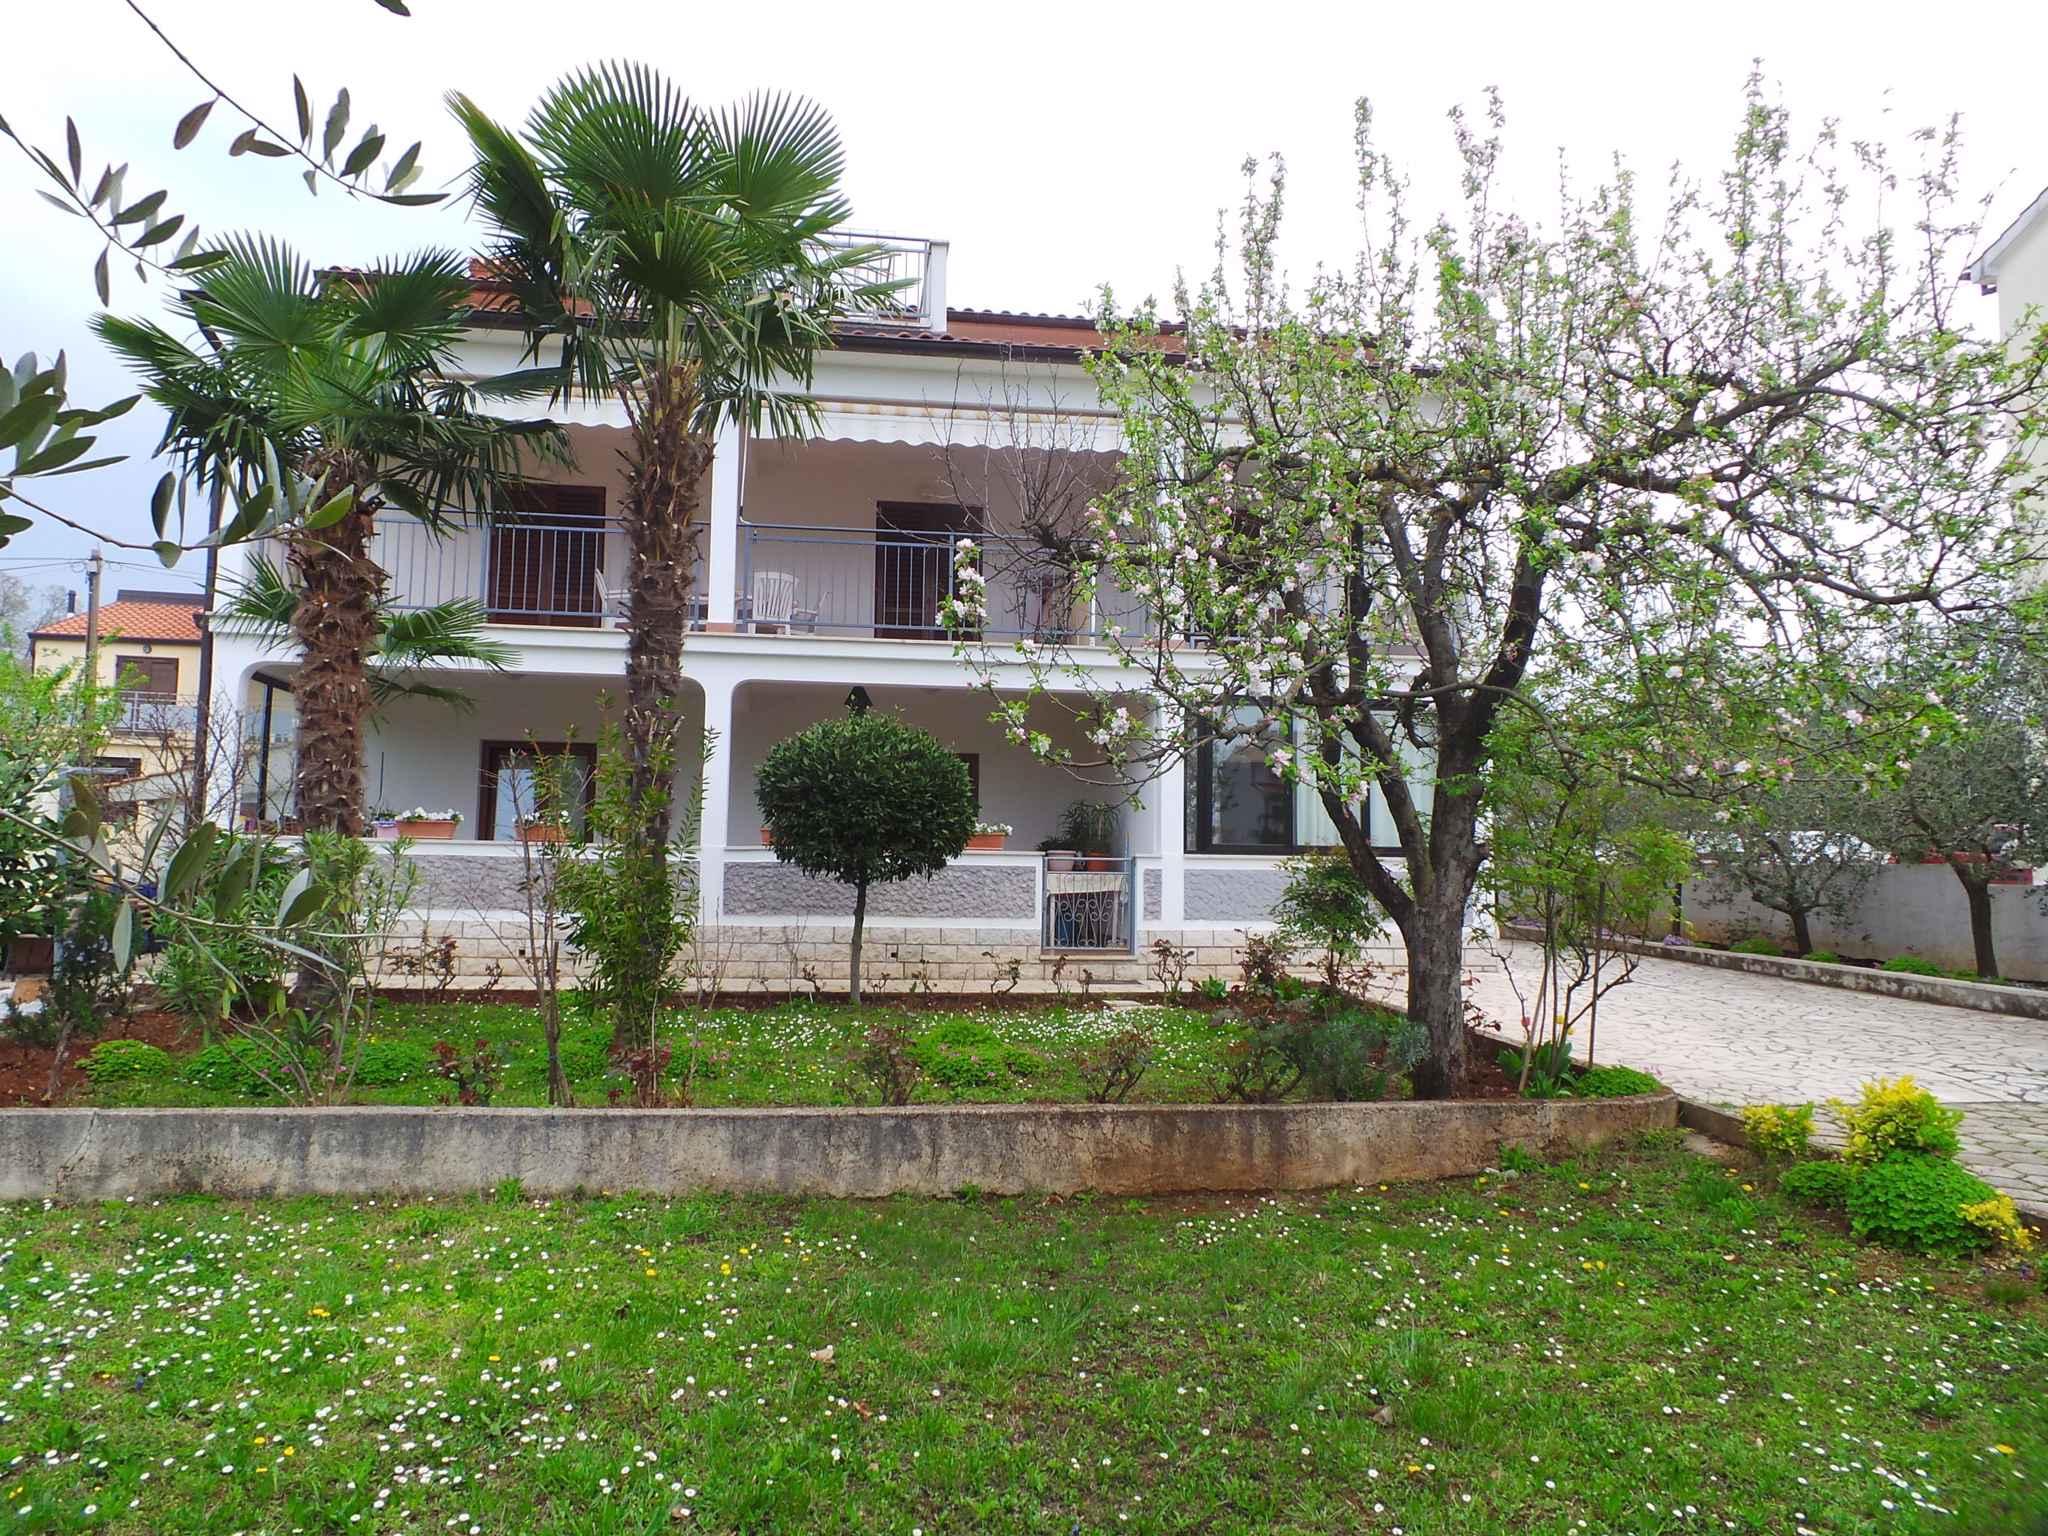 Ferienwohnung mit großer Terrasse (280329), Porec, , Istrien, Kroatien, Bild 5